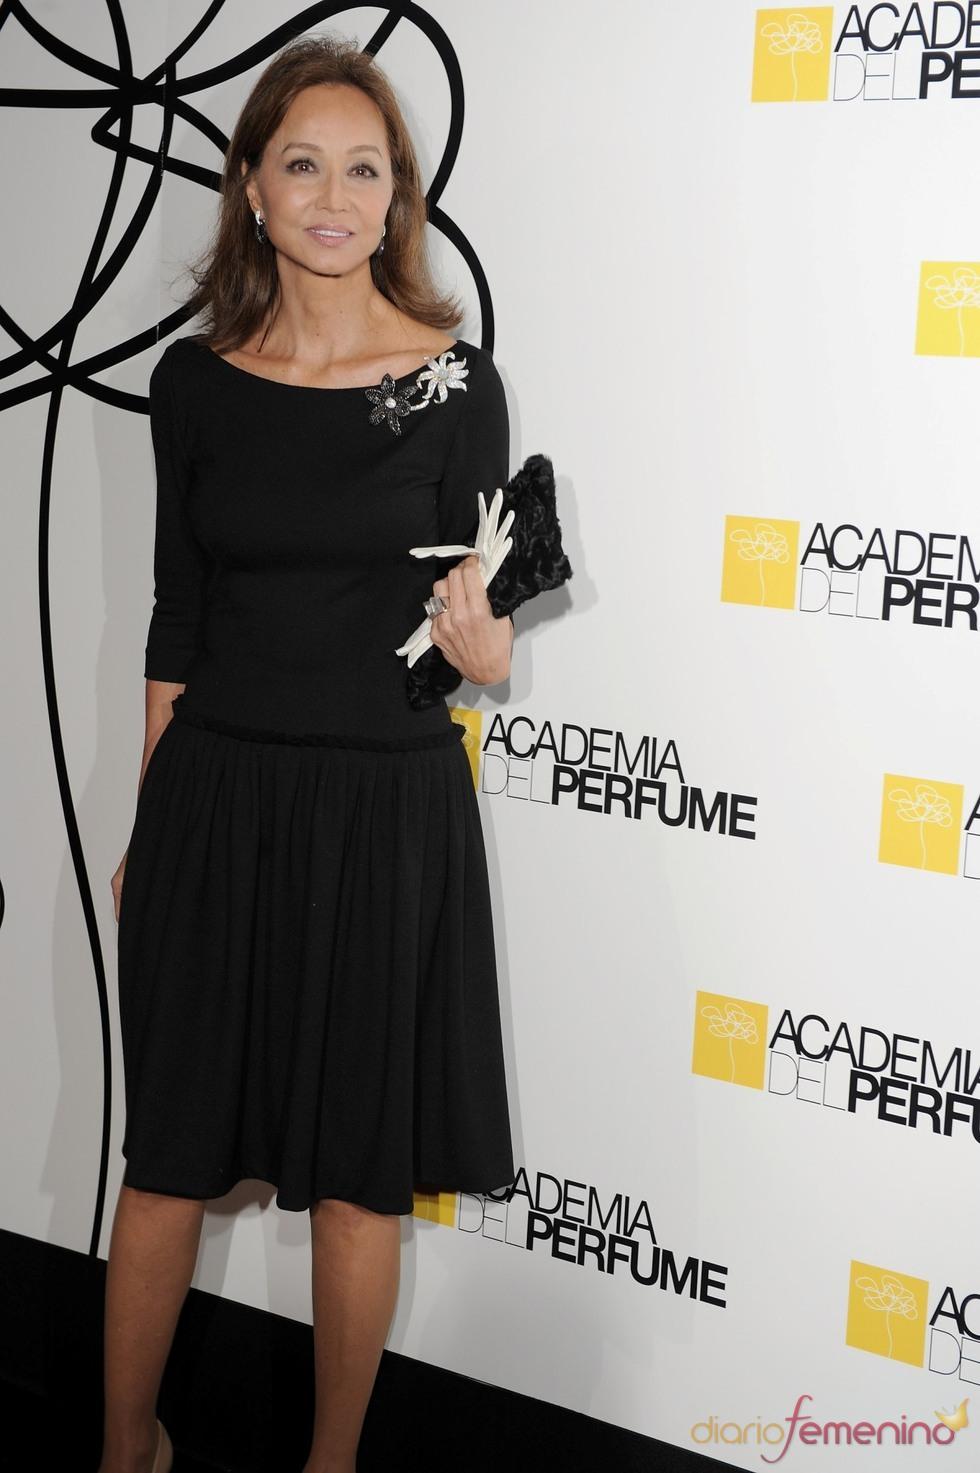 Premios de la Academia del Perfume 2010: Isabel Preysler